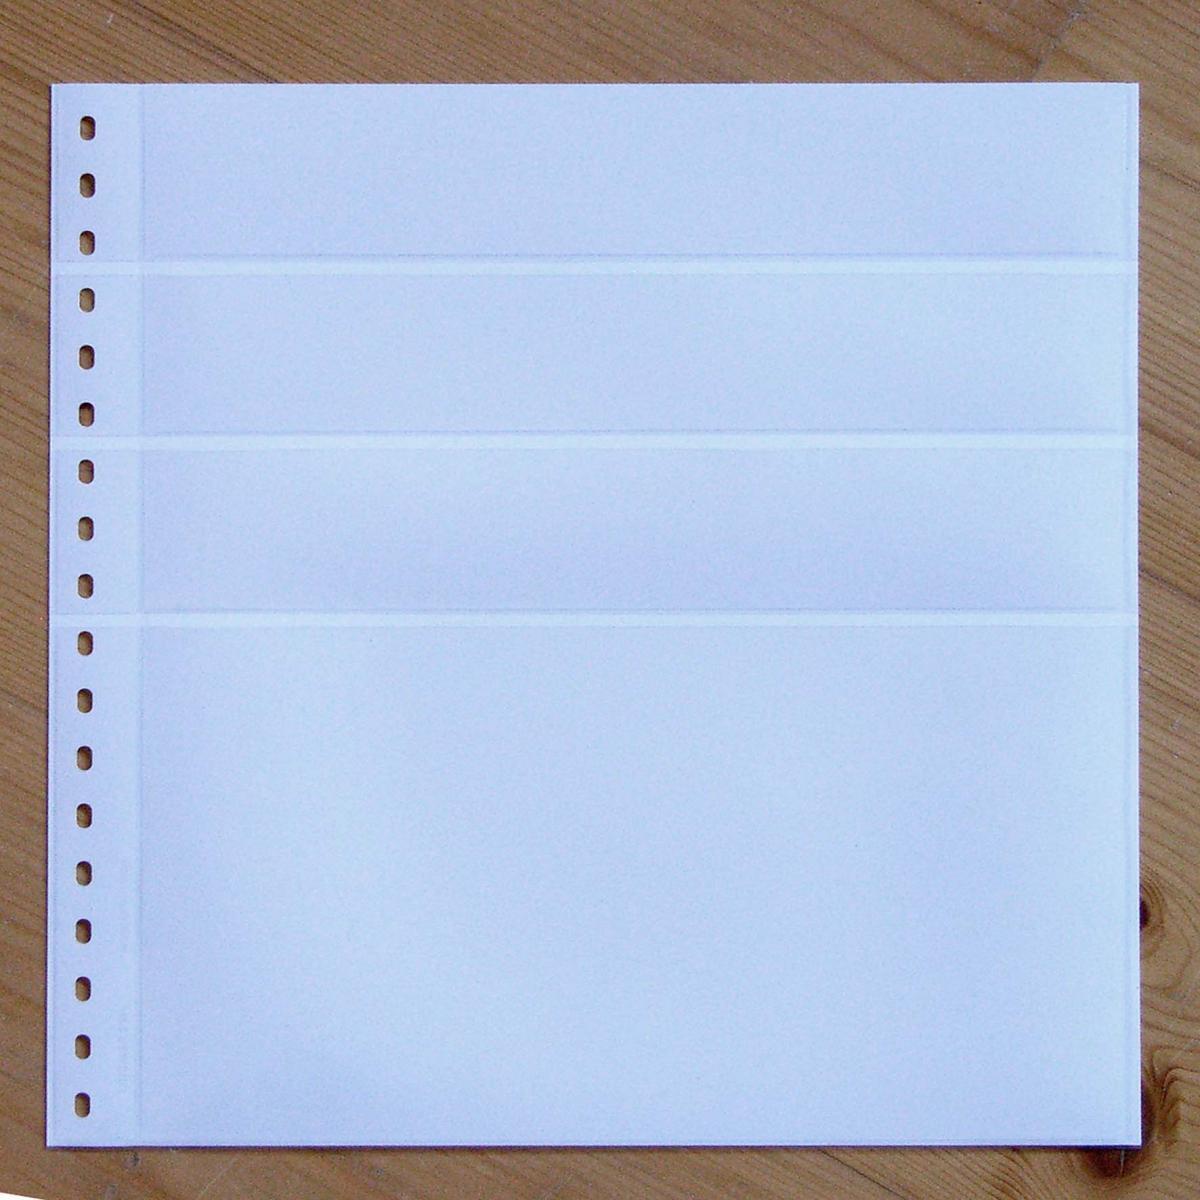 LINDNER Omnia Einsteckblatt 0161 weiß 3x 43 und 1x 141 mm 0